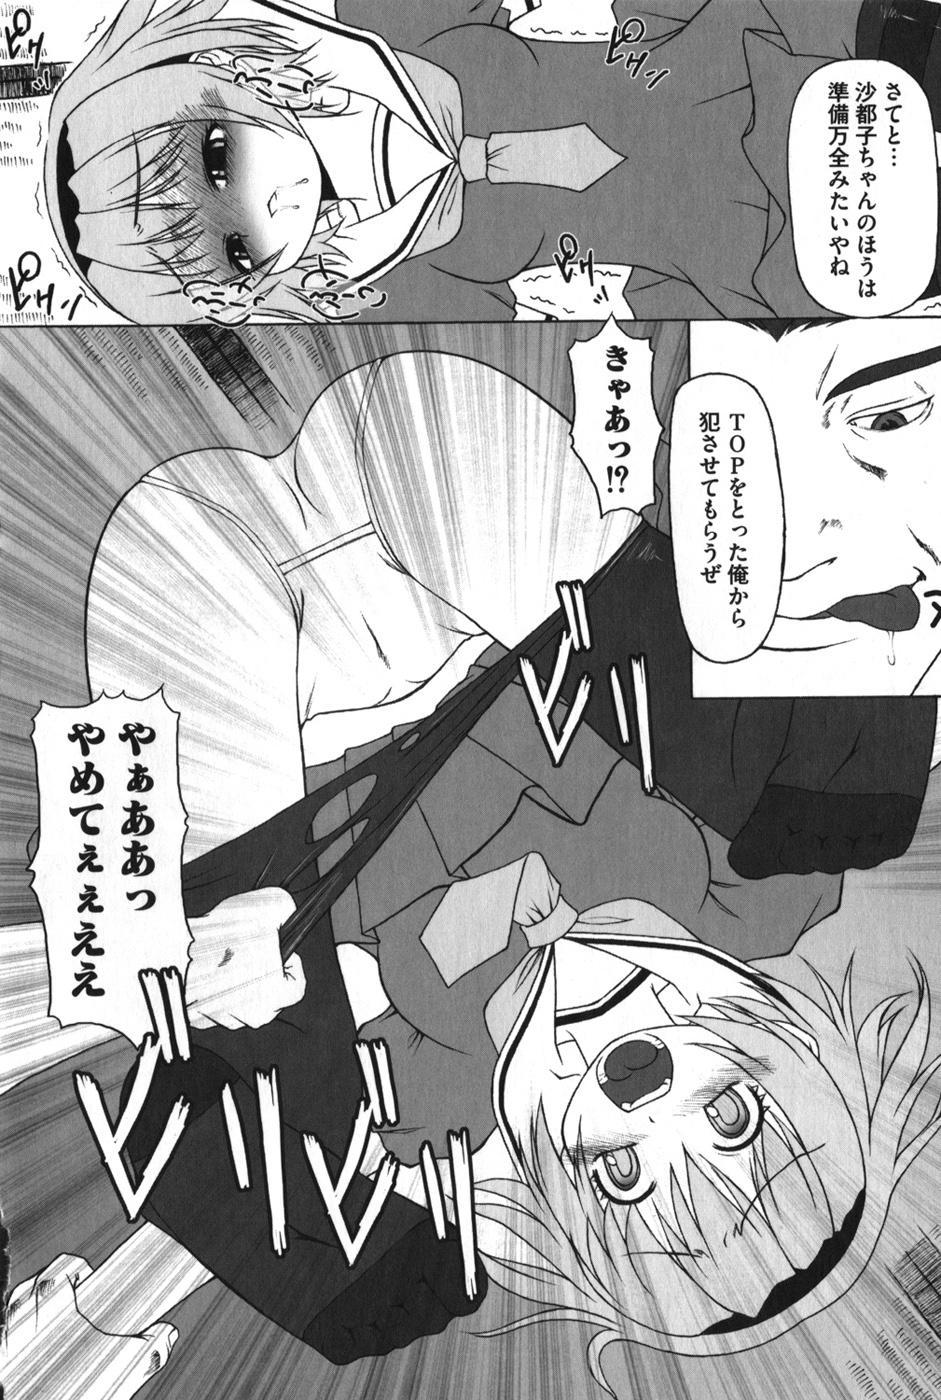 HiguERO no naku koro ni 20